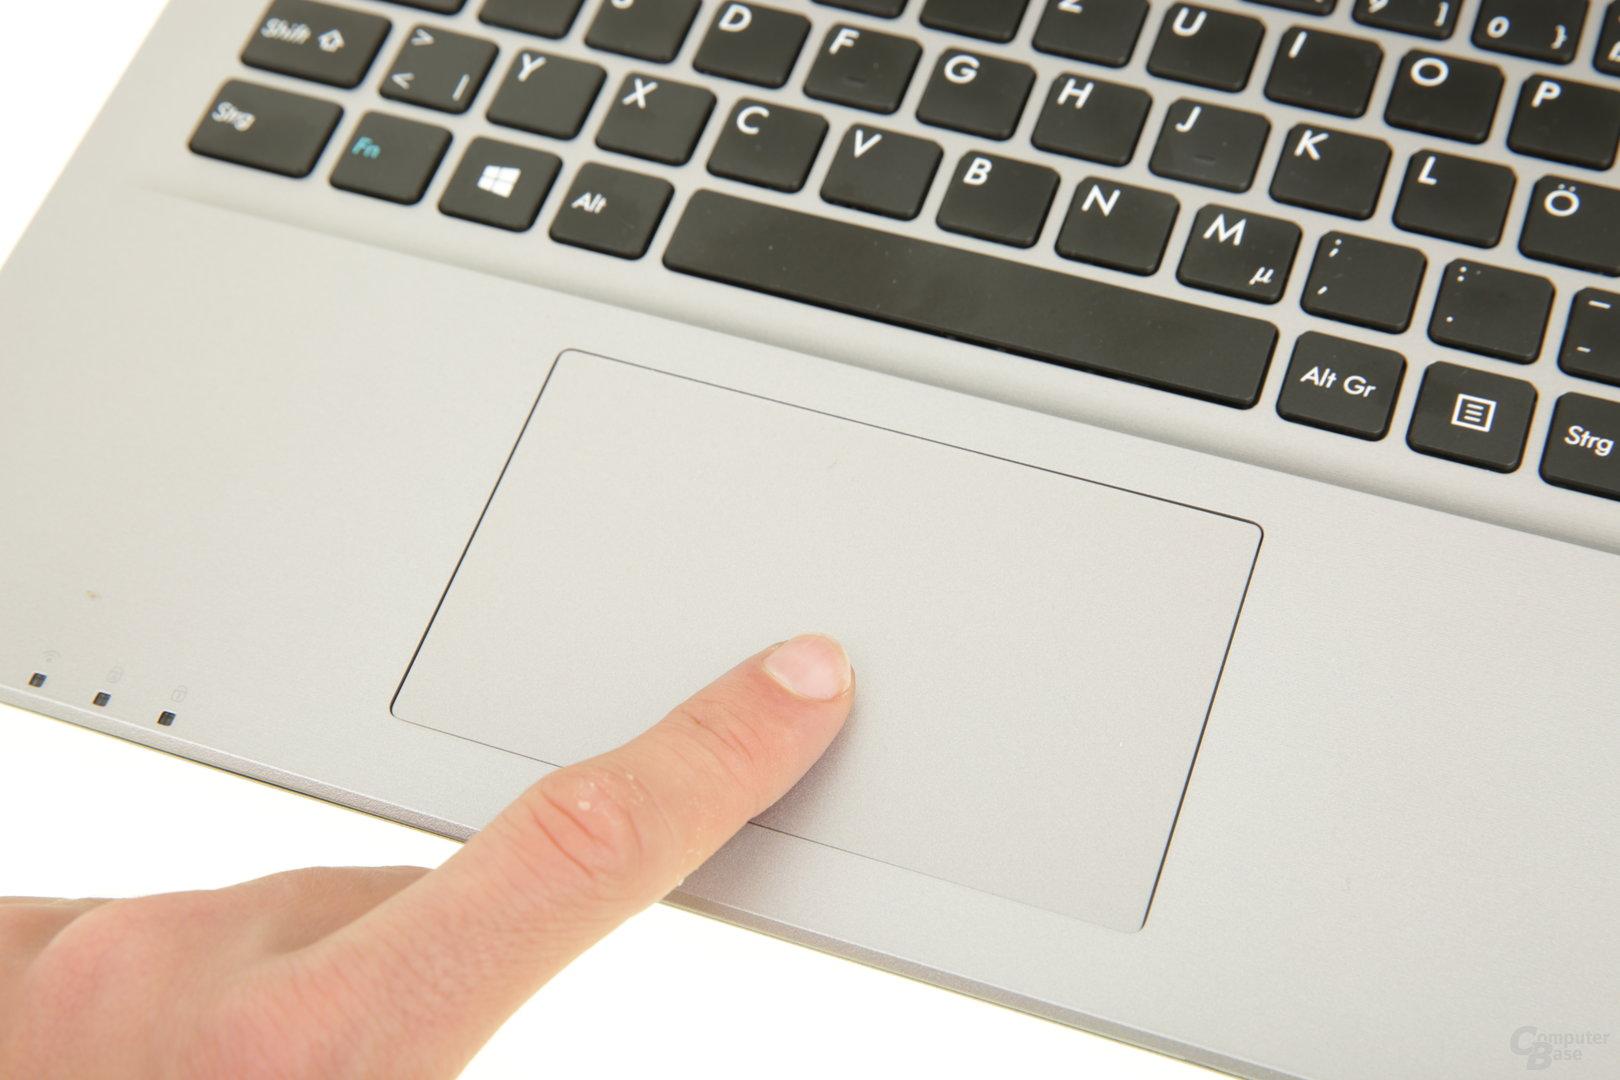 Das Touchpad klappert beim Tippen ohne Drücken